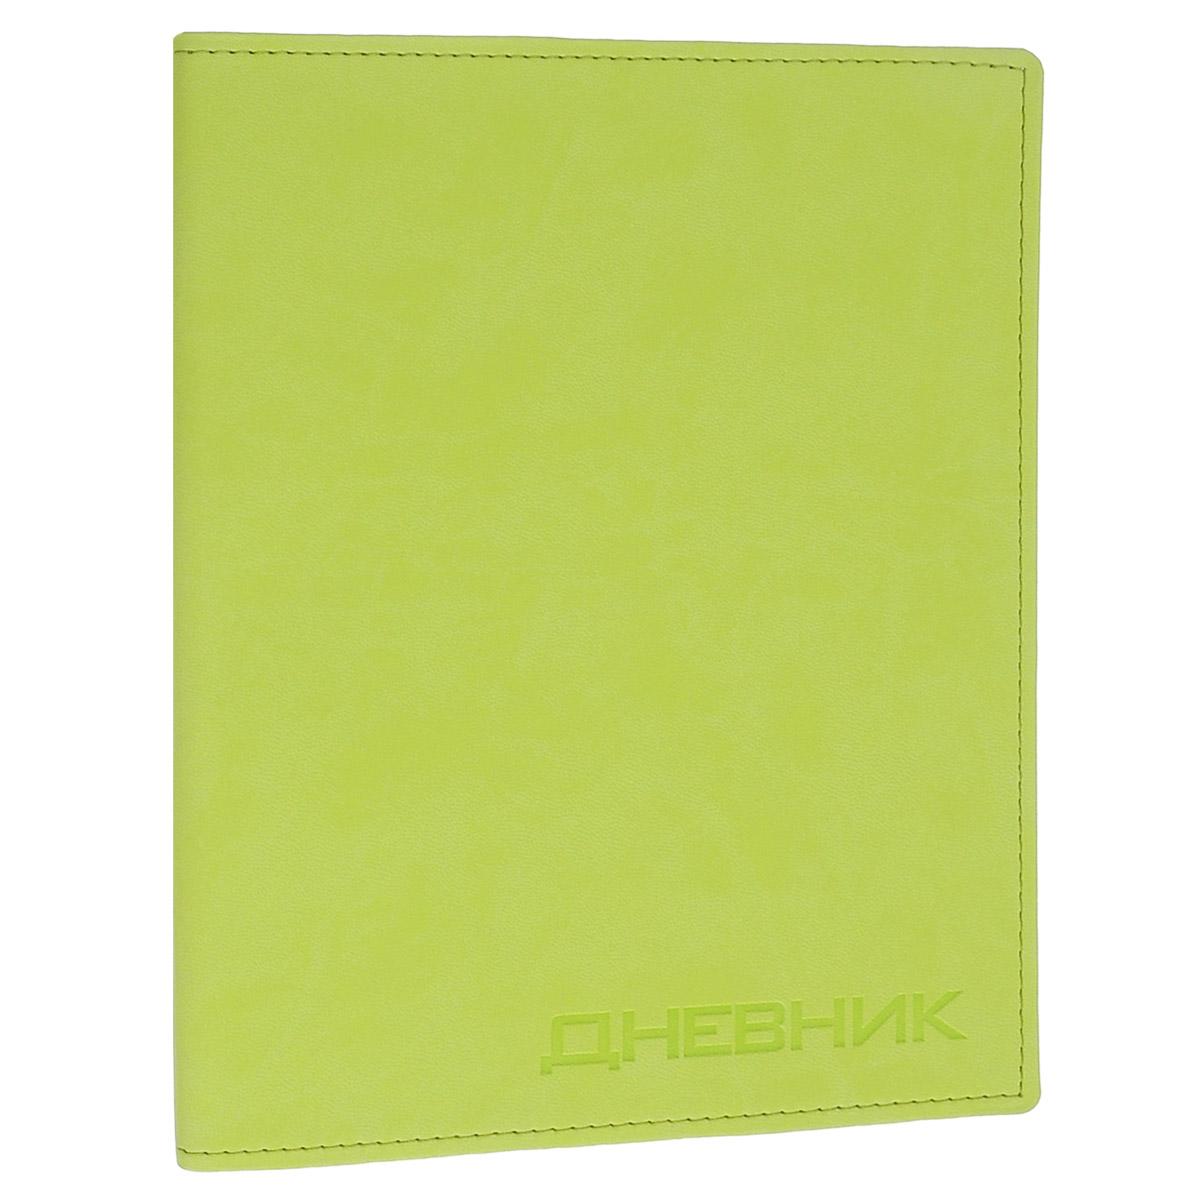 Дневник школьный Триумф  Вивелла , цвет: лимонный -  Дневники